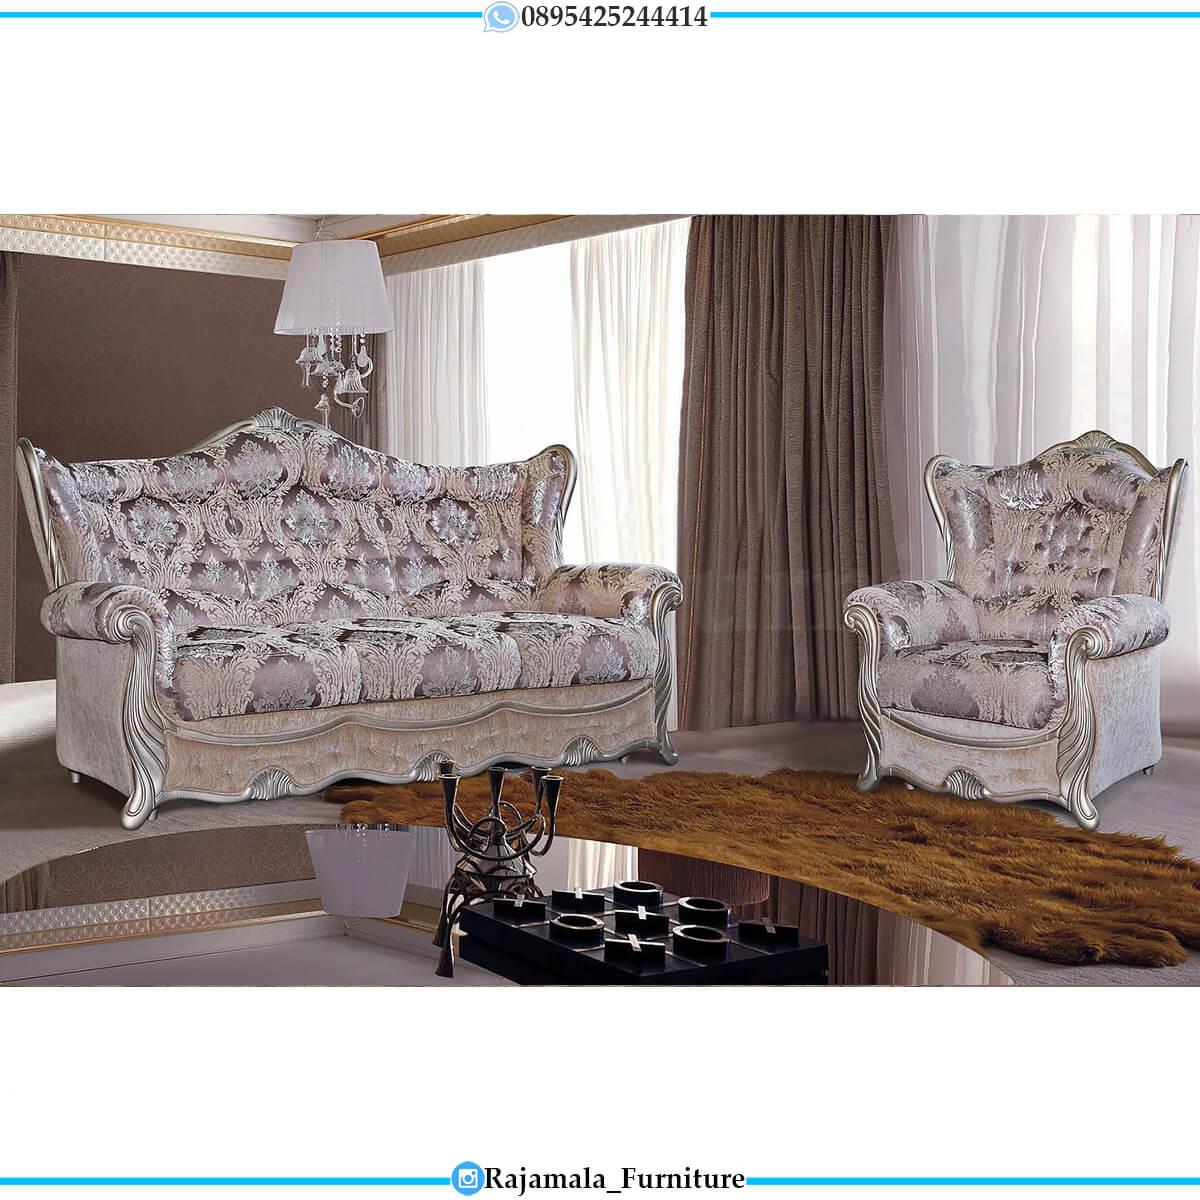 Harga Sofa Tamu Mewah Jepara Glorious Carving Set RM-0750